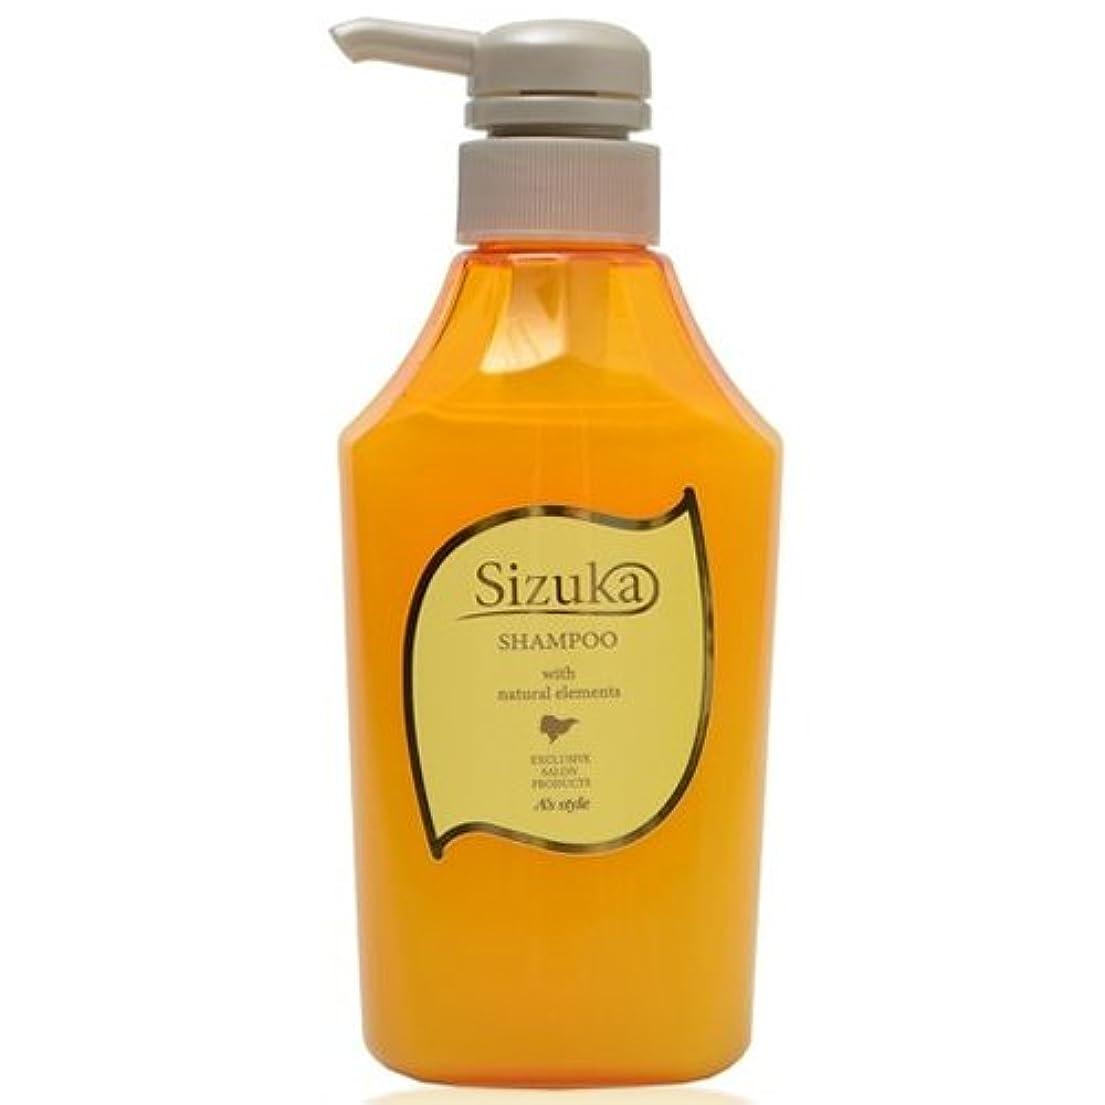 検査のためにあなたが良くなりますアズスタイル Sizuka/雫髪(シズカ)【シャンプー】くせ毛用/ボトルタイプ/ 400mL